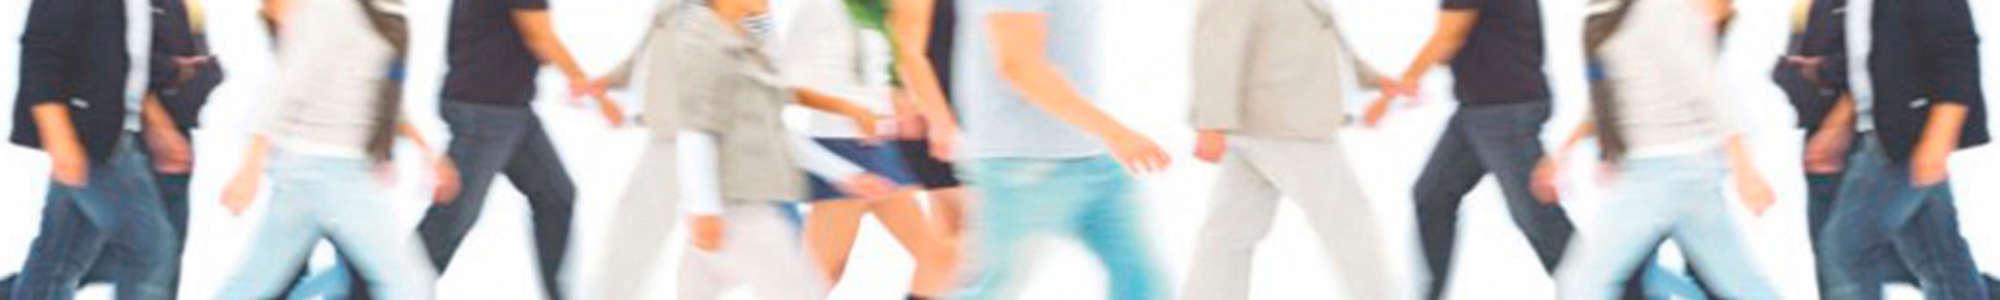 Psychosomatische Grundversorgung - Seminar - Kurs - Seminarorganisation - Fuchs - Gruppe von Menschen gehen vor weißem Hintergrund